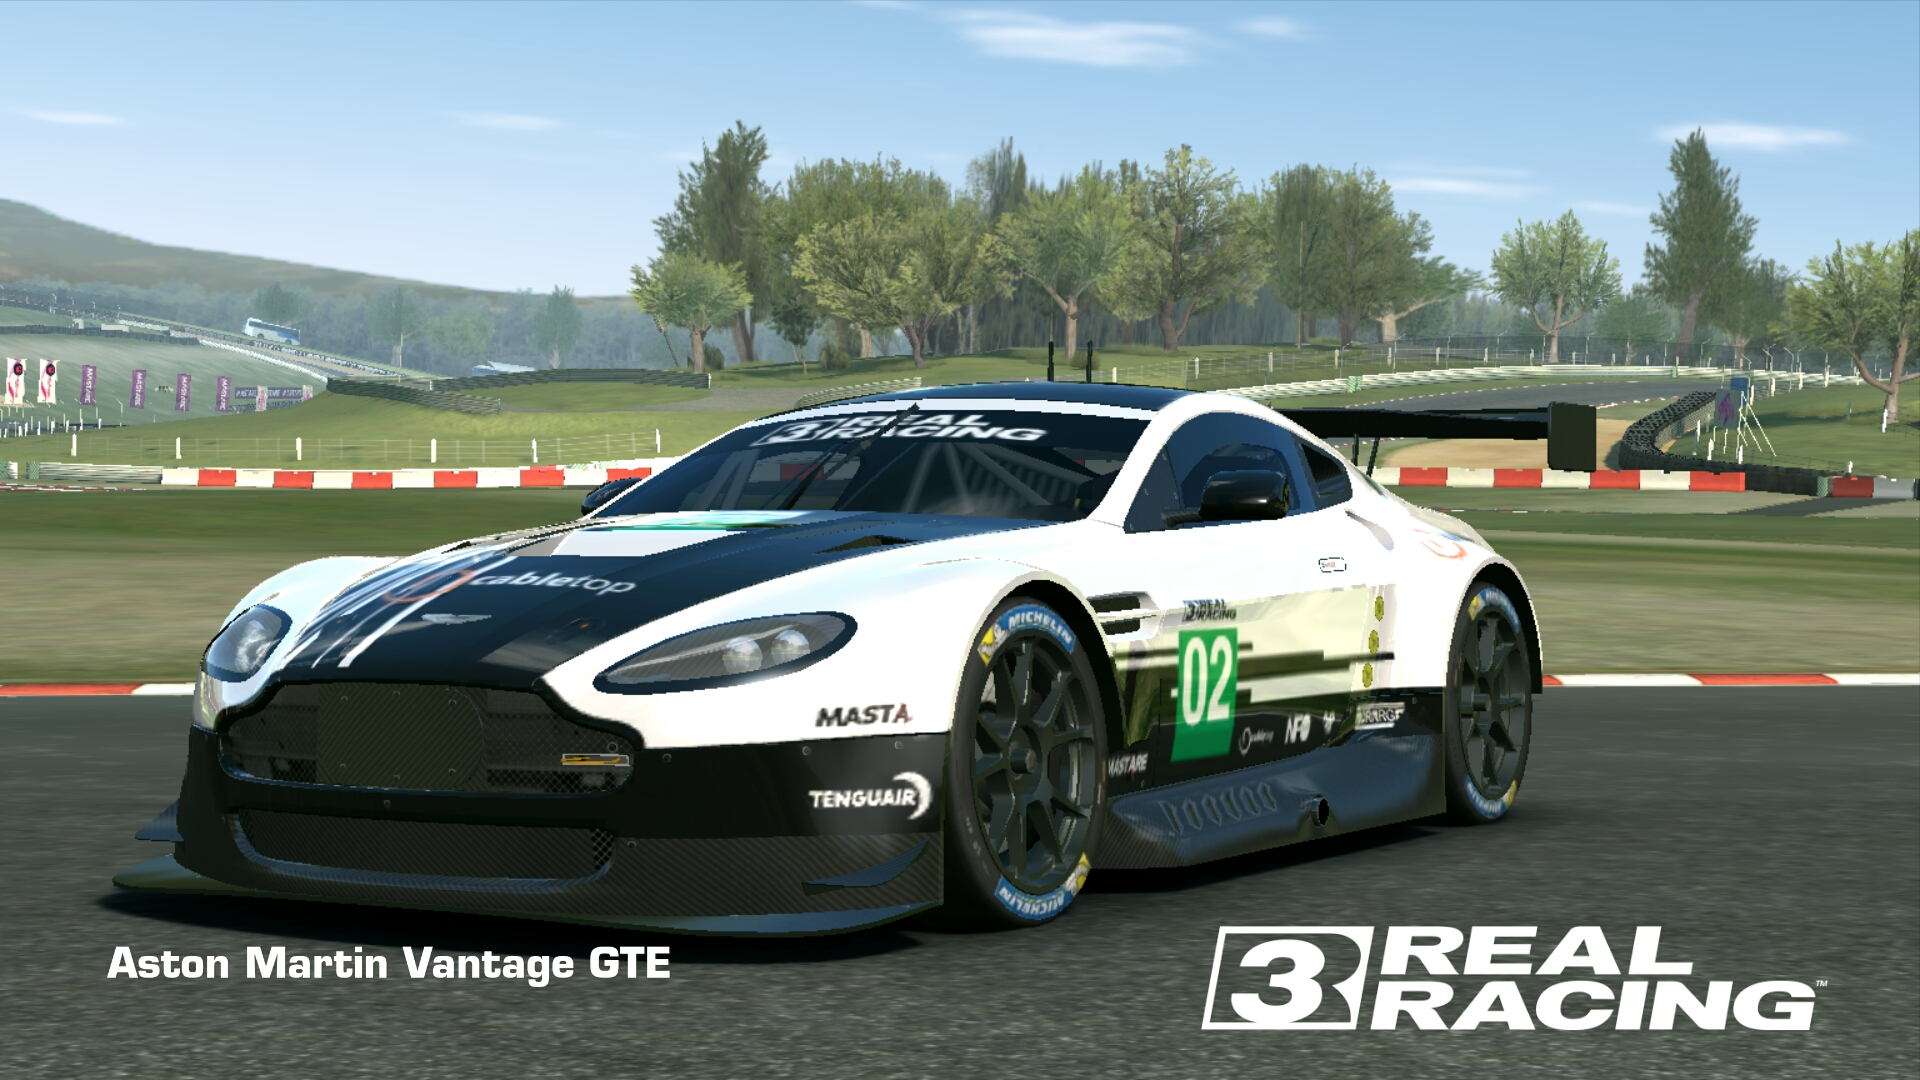 Showcase Aston Martin Vantage GTE